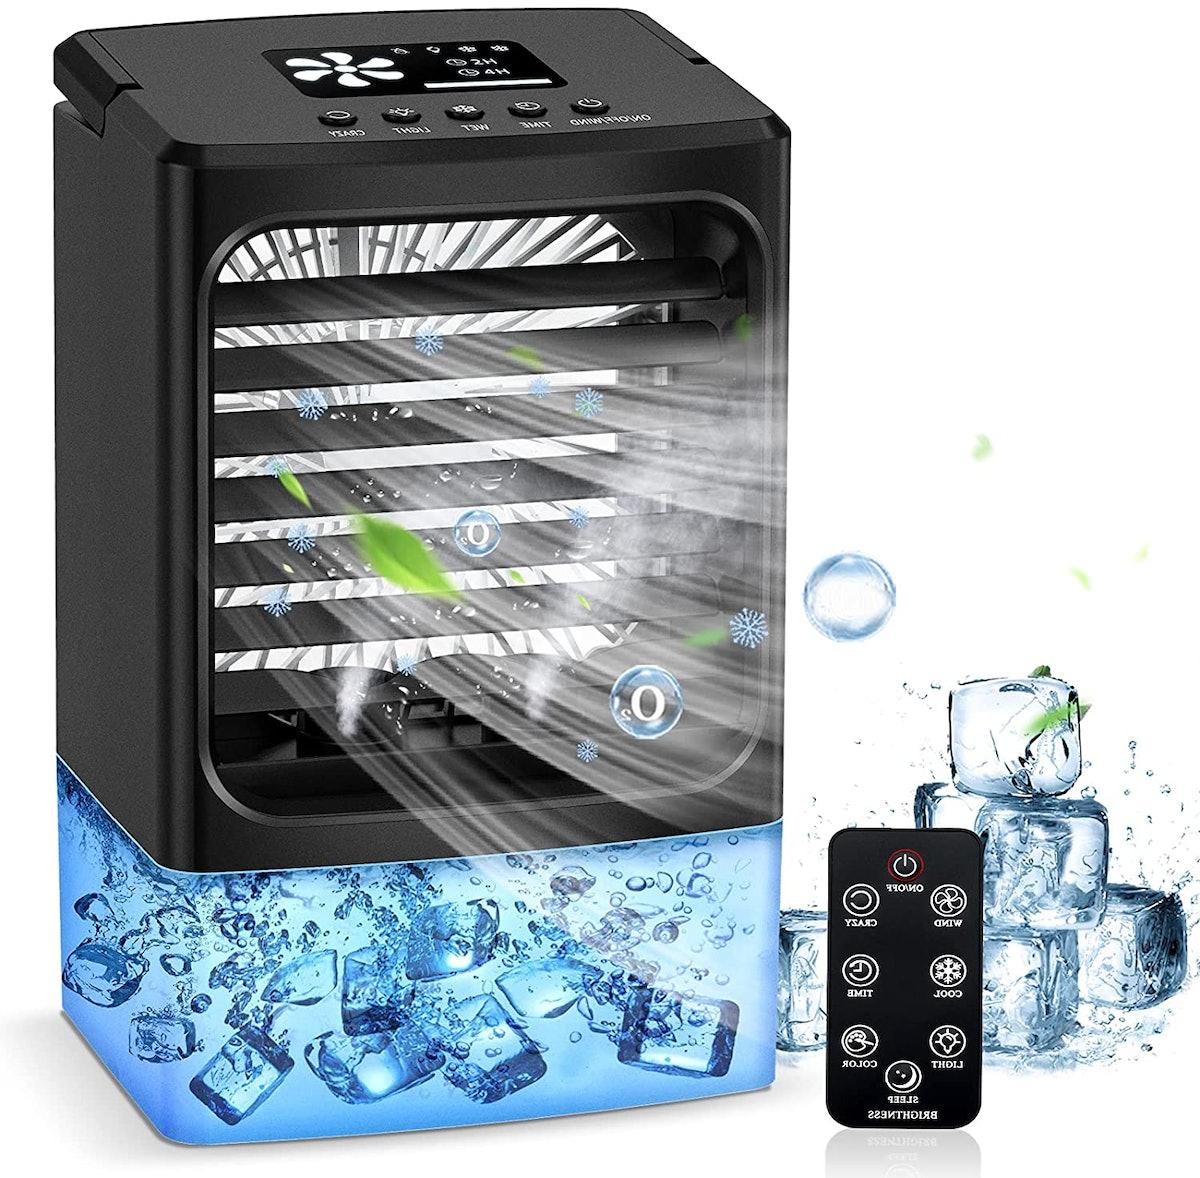 OYRGCIK Portable Air Conditioner Fan